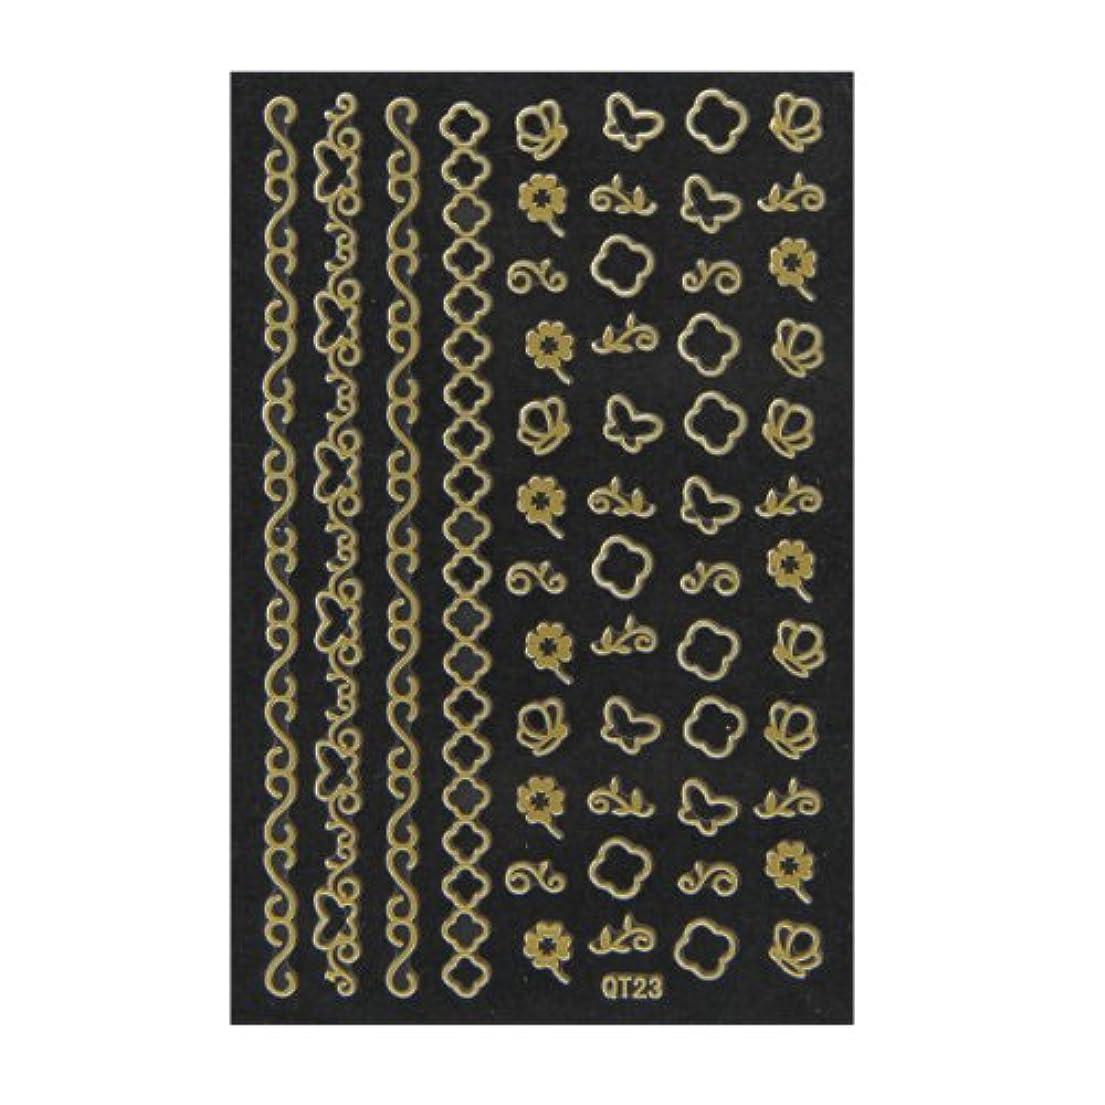 敗北砦アデレードネイルシール 3D ネイルシート ファッションネイル メタリックシール23 (ネイル用品)